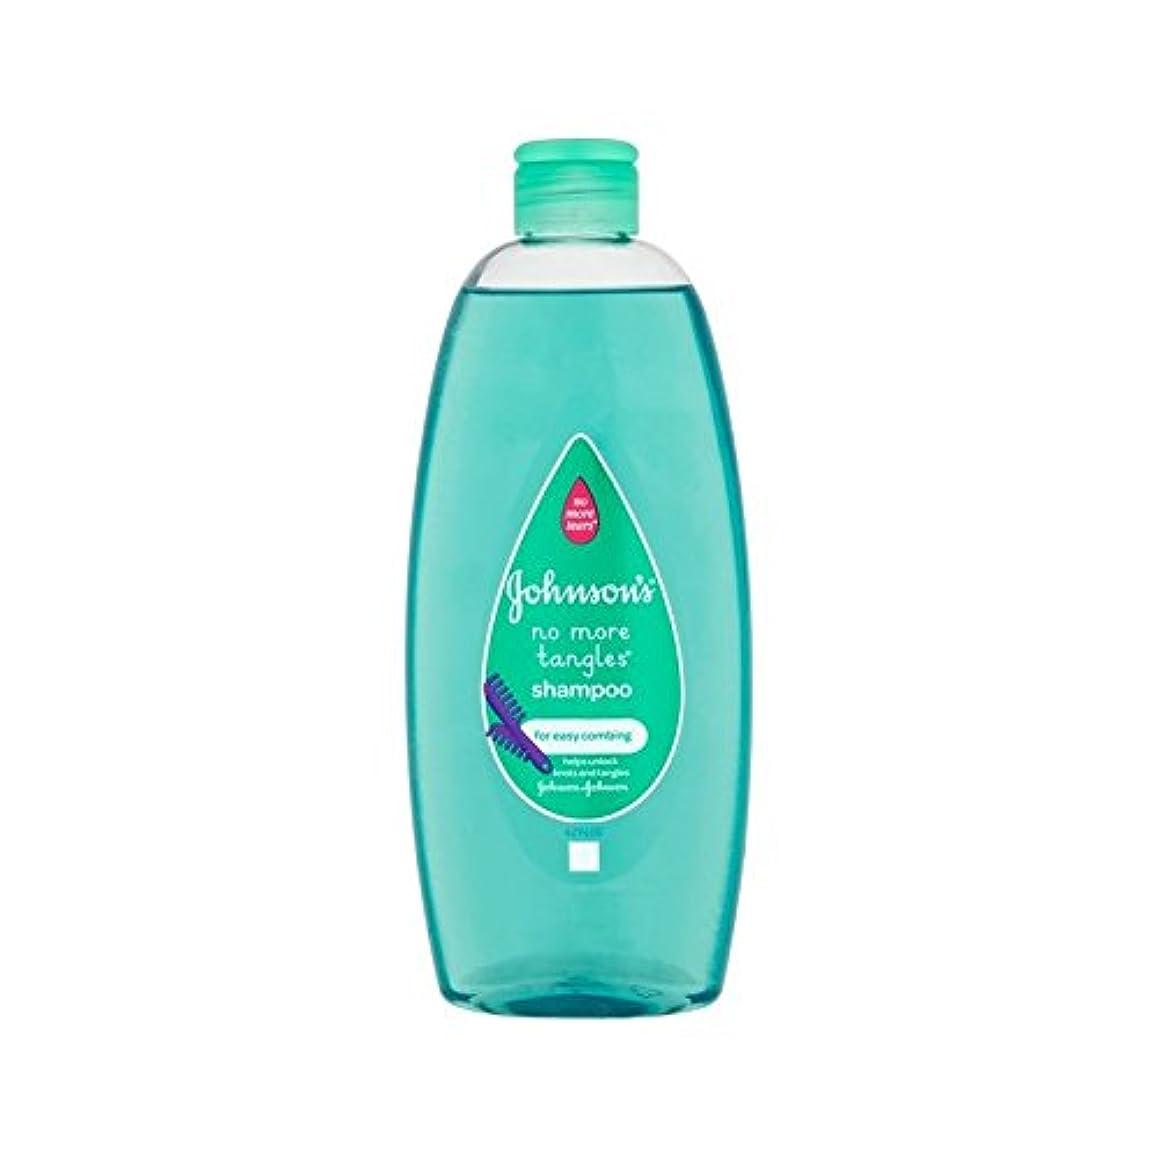 民族主義かすかな既にもうシャンプー500ミリリットルをもつれません (Johnson's Baby) (x 4) - Johnson's Baby No More Tangles Shampoo 500ml (Pack of 4) [並行輸入品]